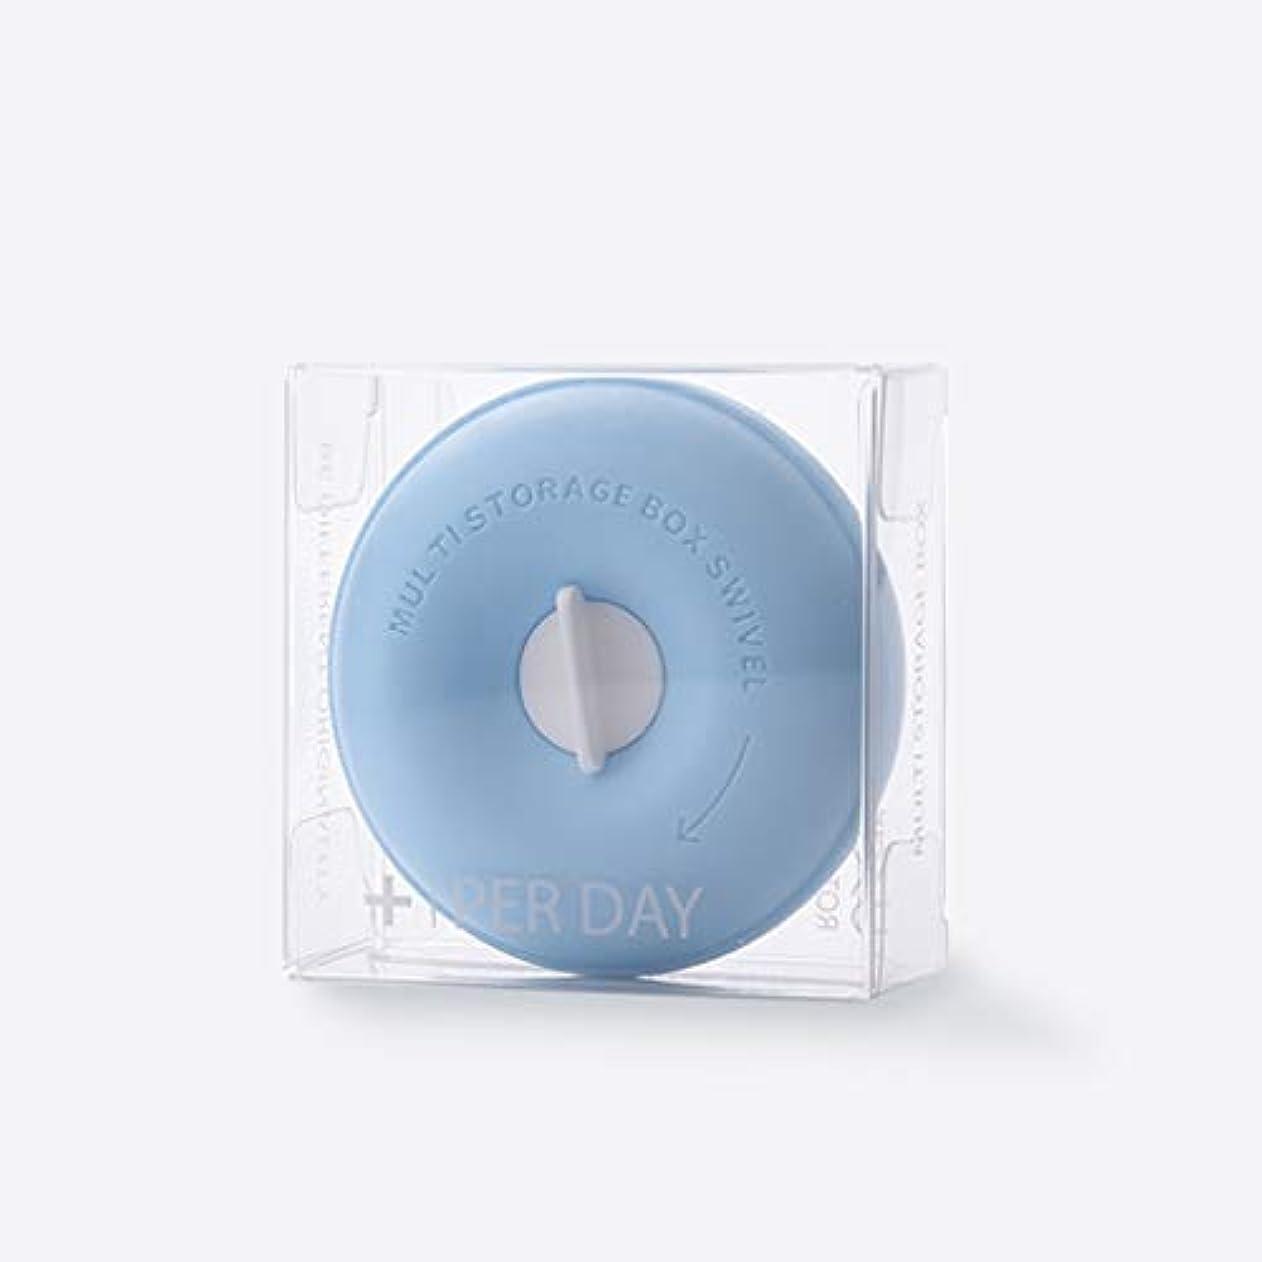 奨励疼痛石灰岩家庭用薬箱ピルボックスポータブル小型薬箱薬収納ボックスピル調剤箱カプセルビタミンヘルスケア箱 LIUXIN (Color : Blue, Size : 8cm×3.3cm)